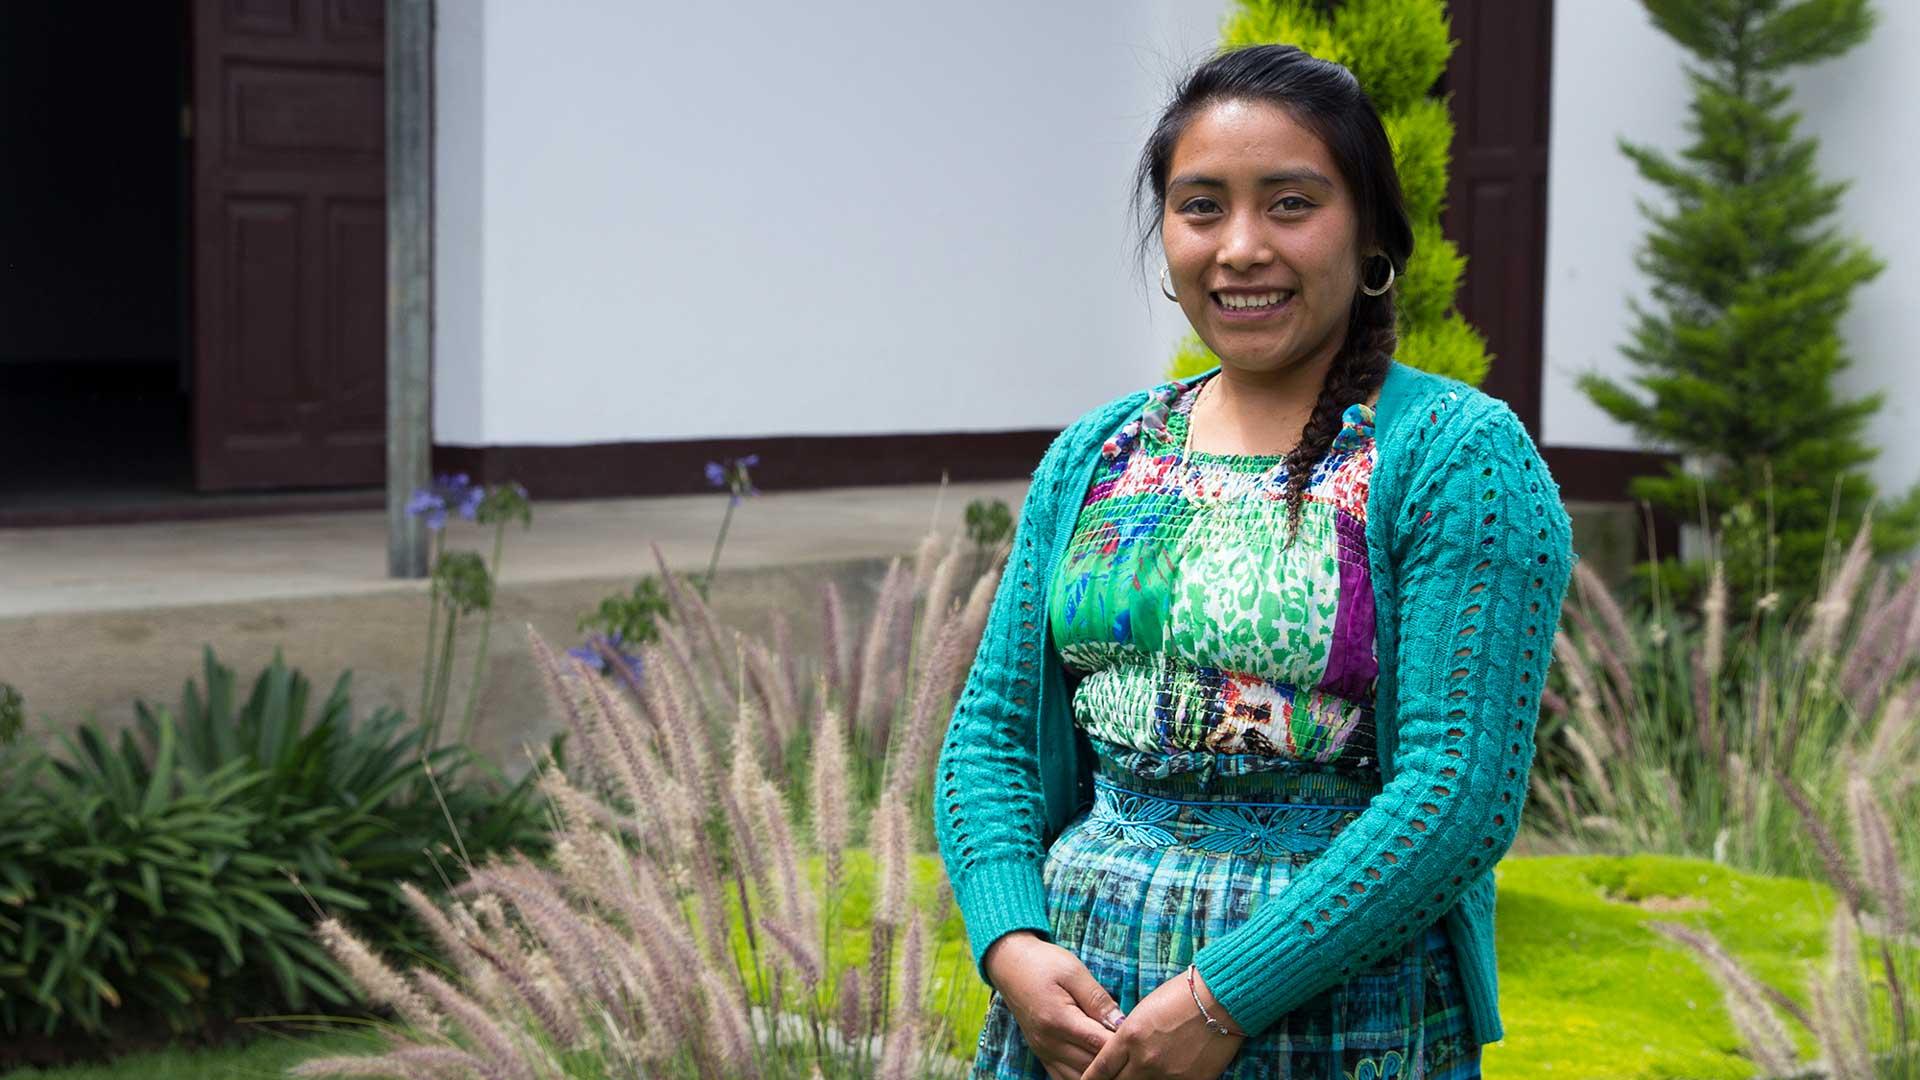 Francisca som tillverkar Wakami-smycken i Guatemala